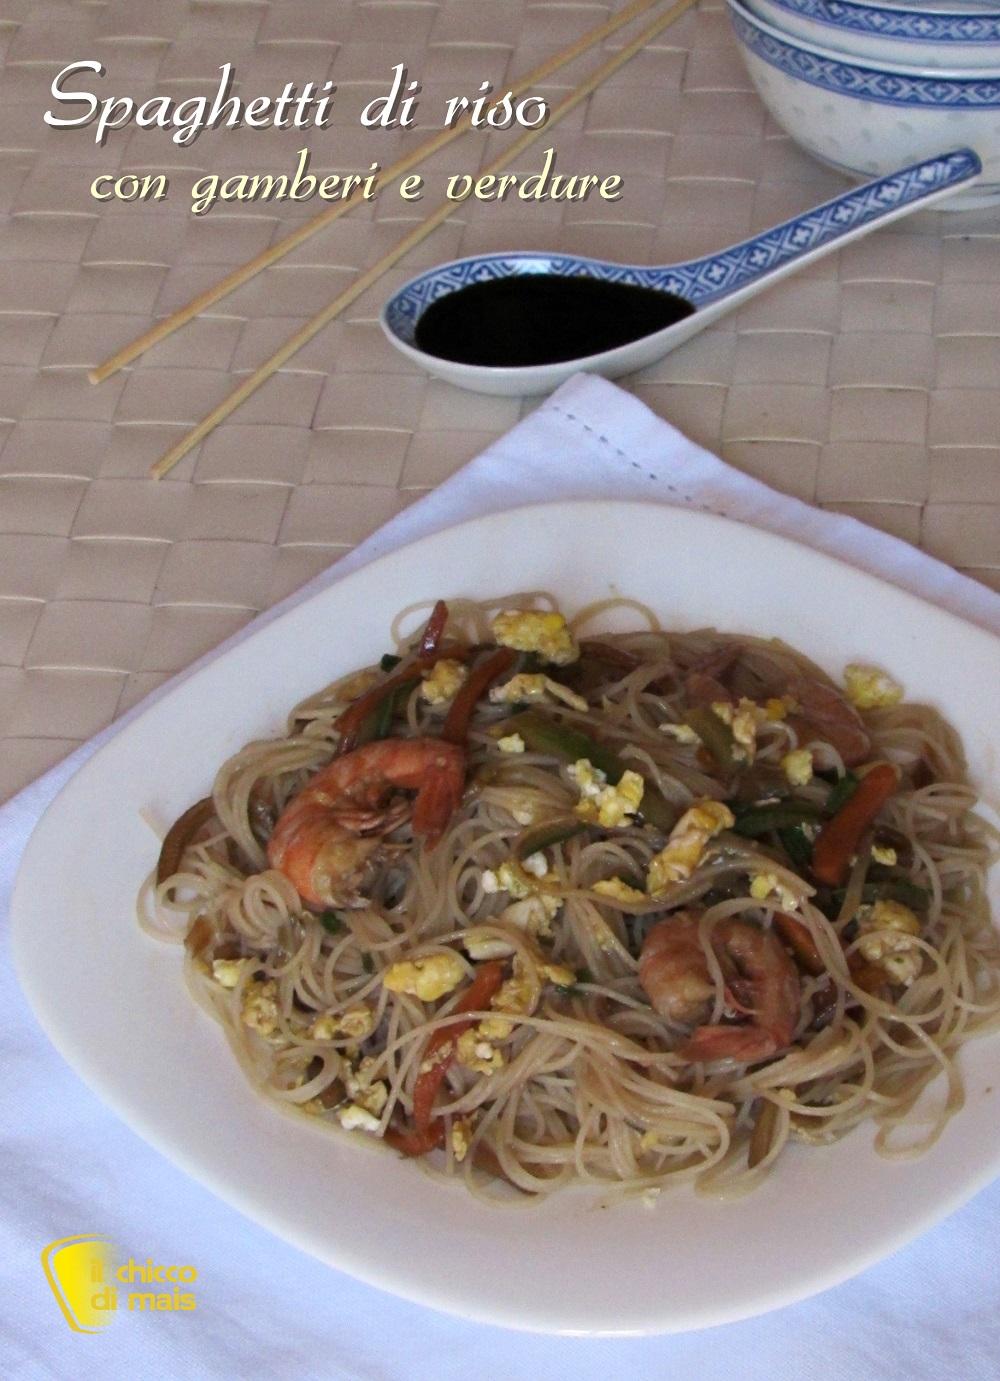 verticale_Spaghetti di riso con gamberi e verdure ricetta cinese il chicco di mais